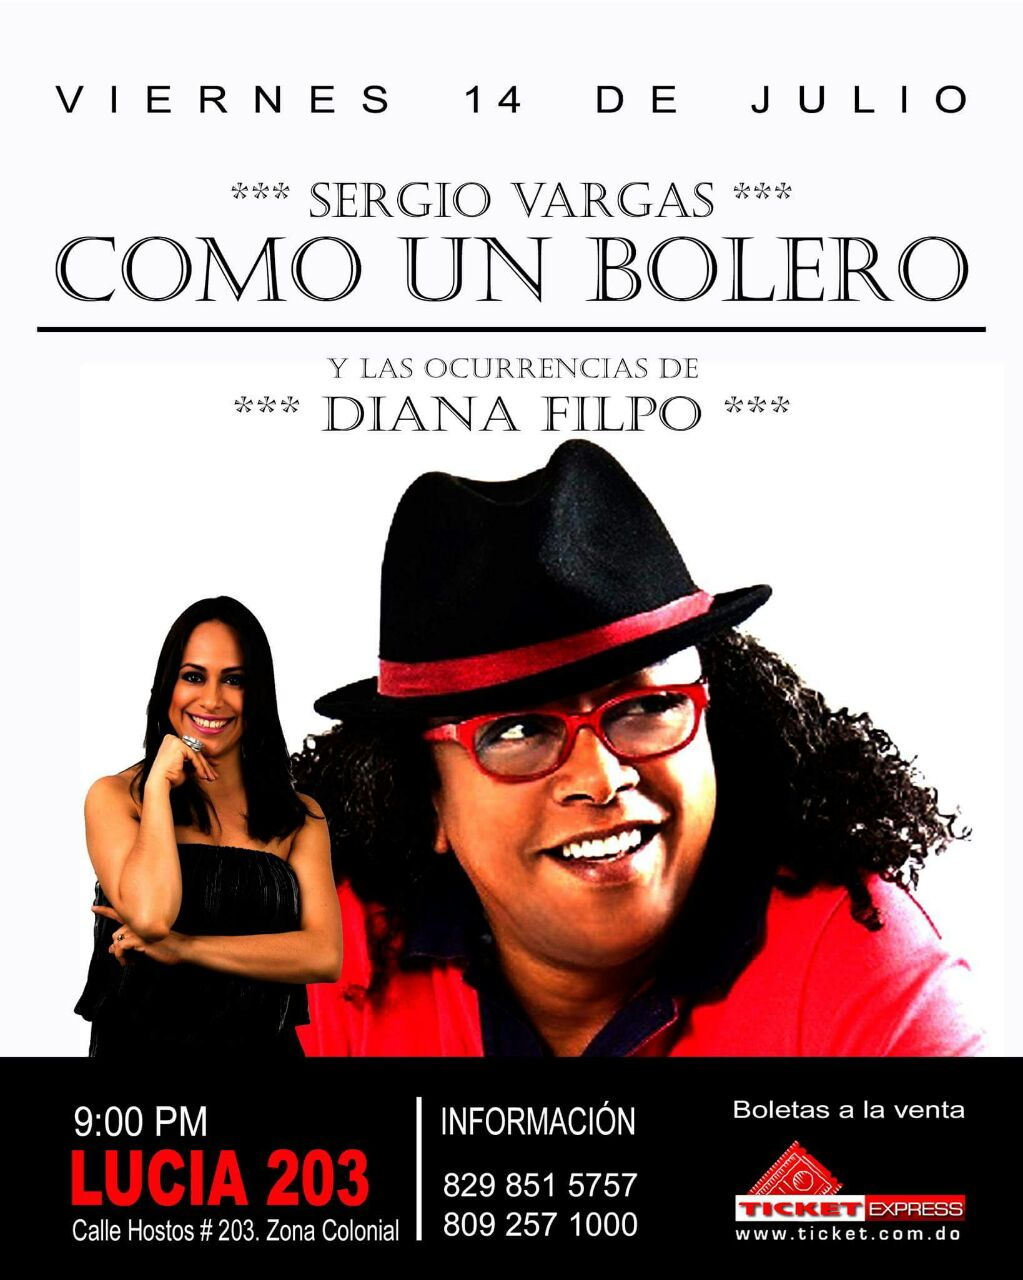 Sergio Vargas y Diana Filpo se presentarán en el bar Lucía de la Zona Colonial